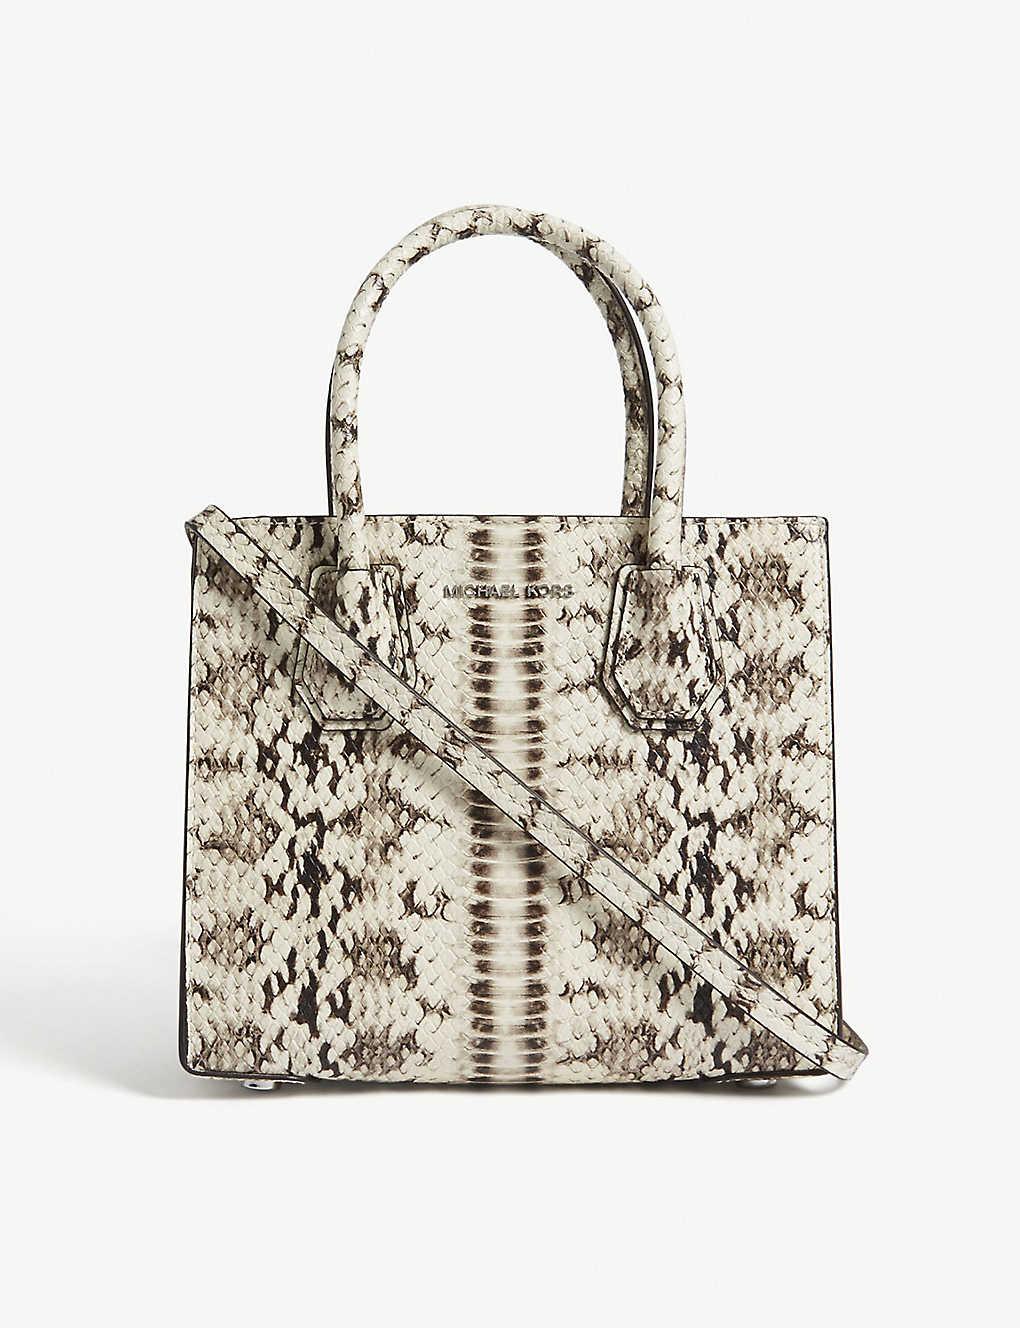 8c766326aa5f MICHAEL MICHAEL KORS Mercer medium snakeskin-embossed leather cross-body bag